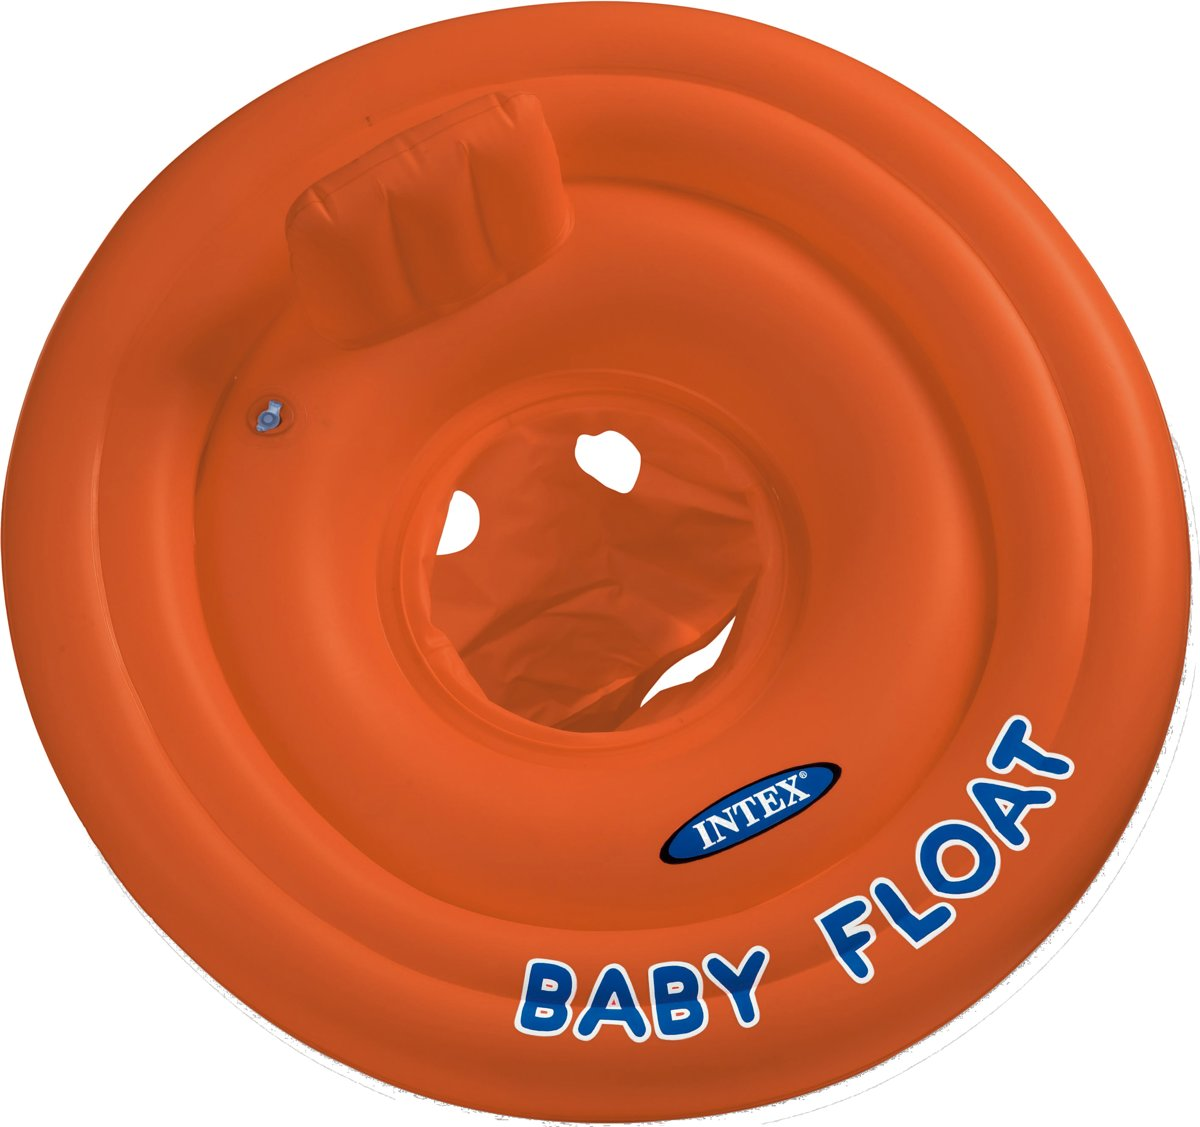 Intex Baby Float - Zwemband - Leeftijd 1-2 jaar